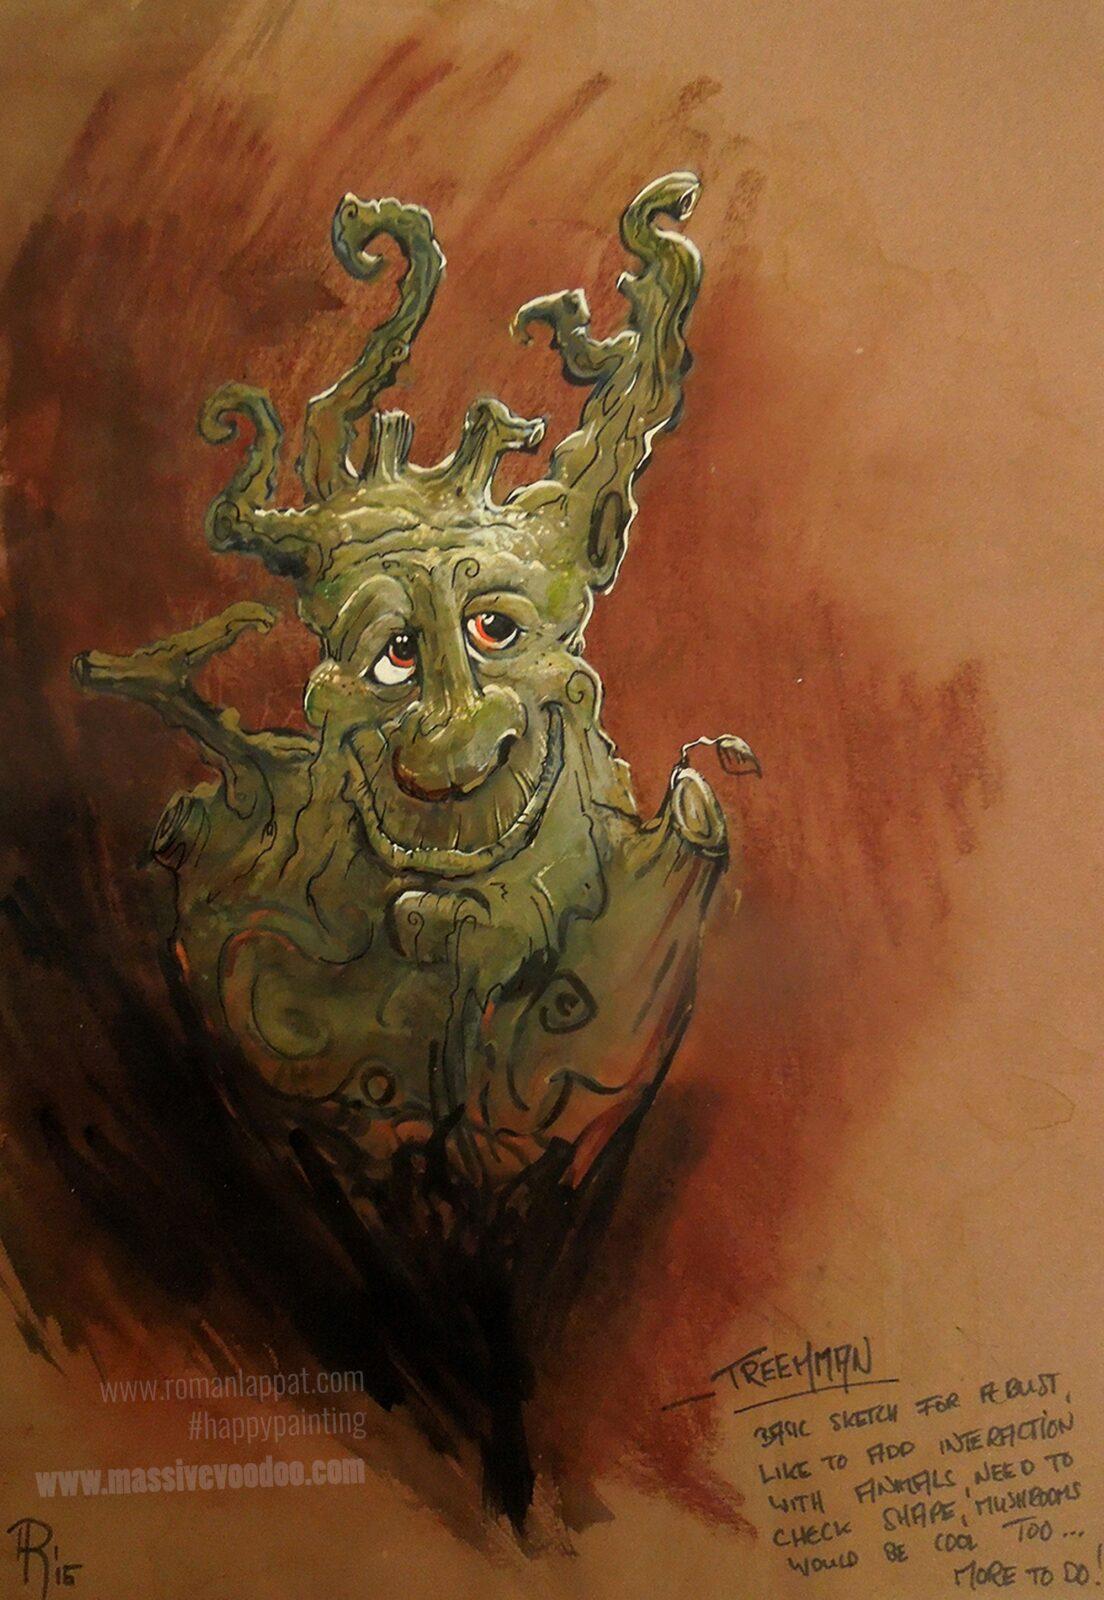 Romanlappat Treeman